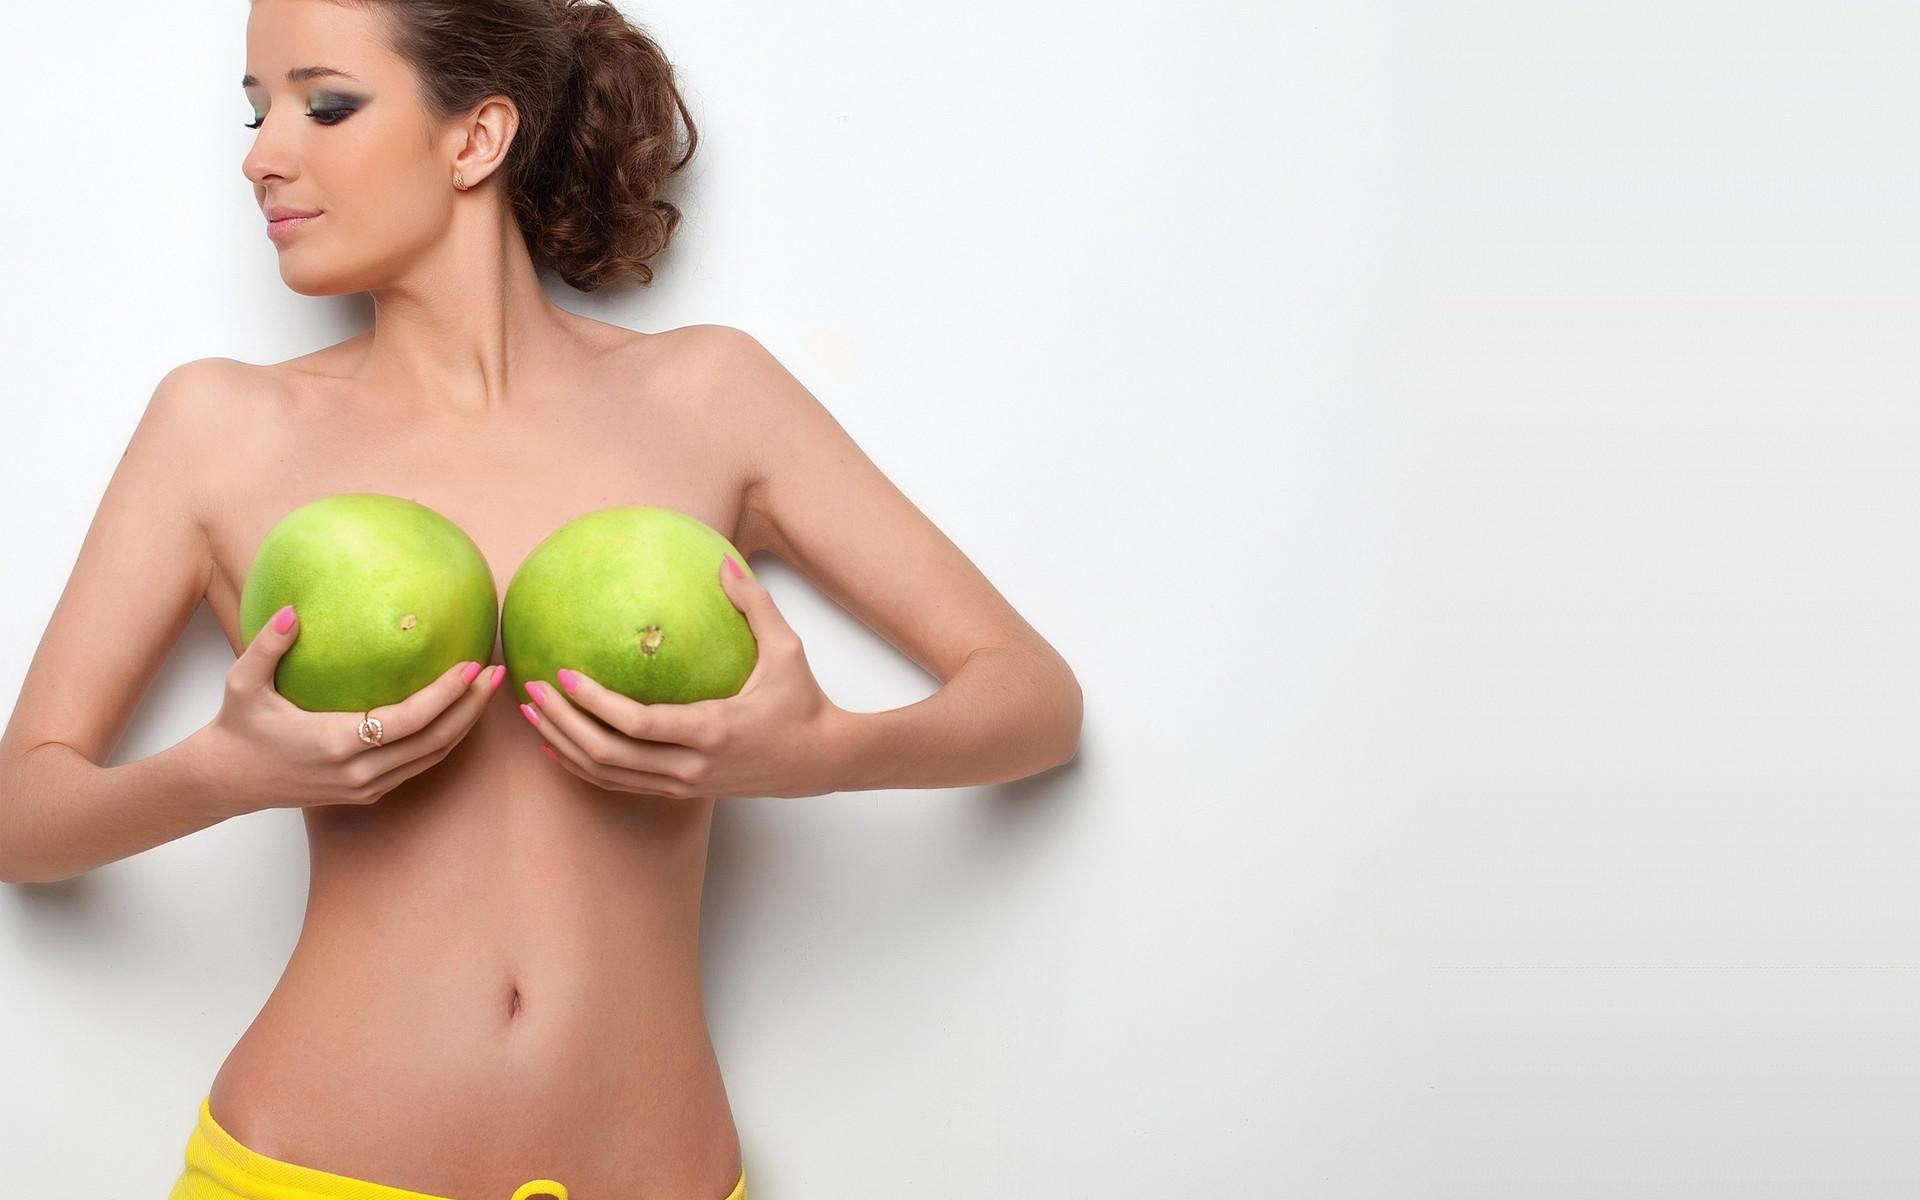 Прикрывая обнаженную грудь